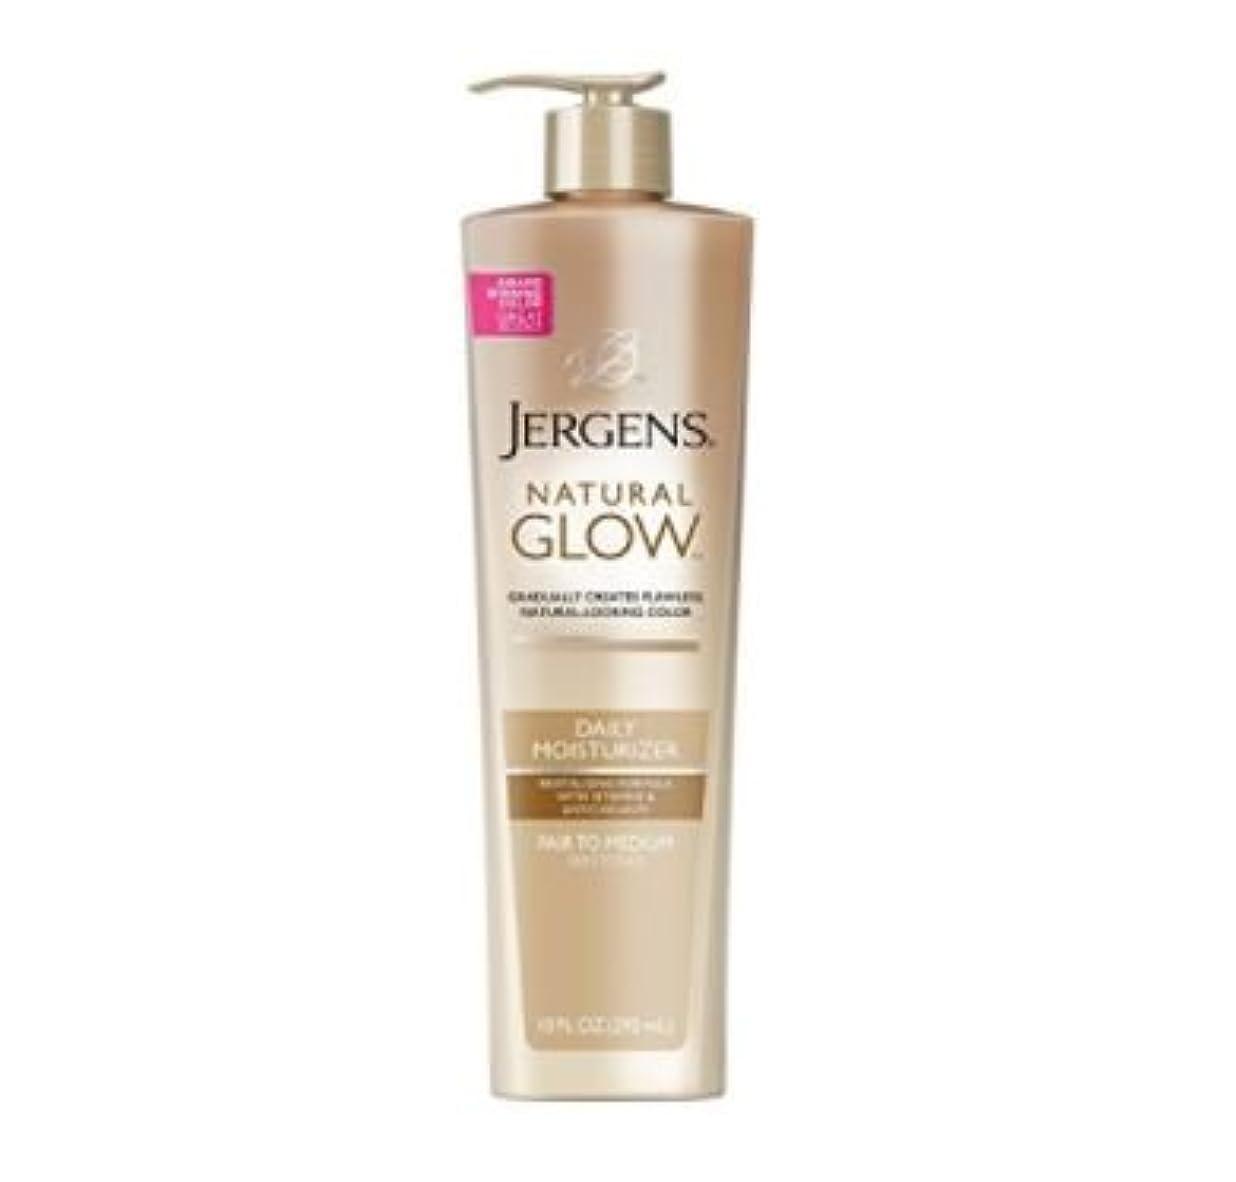 構築する香り継続中ジャーゲンス【ポンプ付き295ml】塗るだけでキレイなブロンズ肌 セルフタンニングローション Jergens Natural Glow ジャーゲンズ (Medium/Tan 普通肌の方用) 海外直送